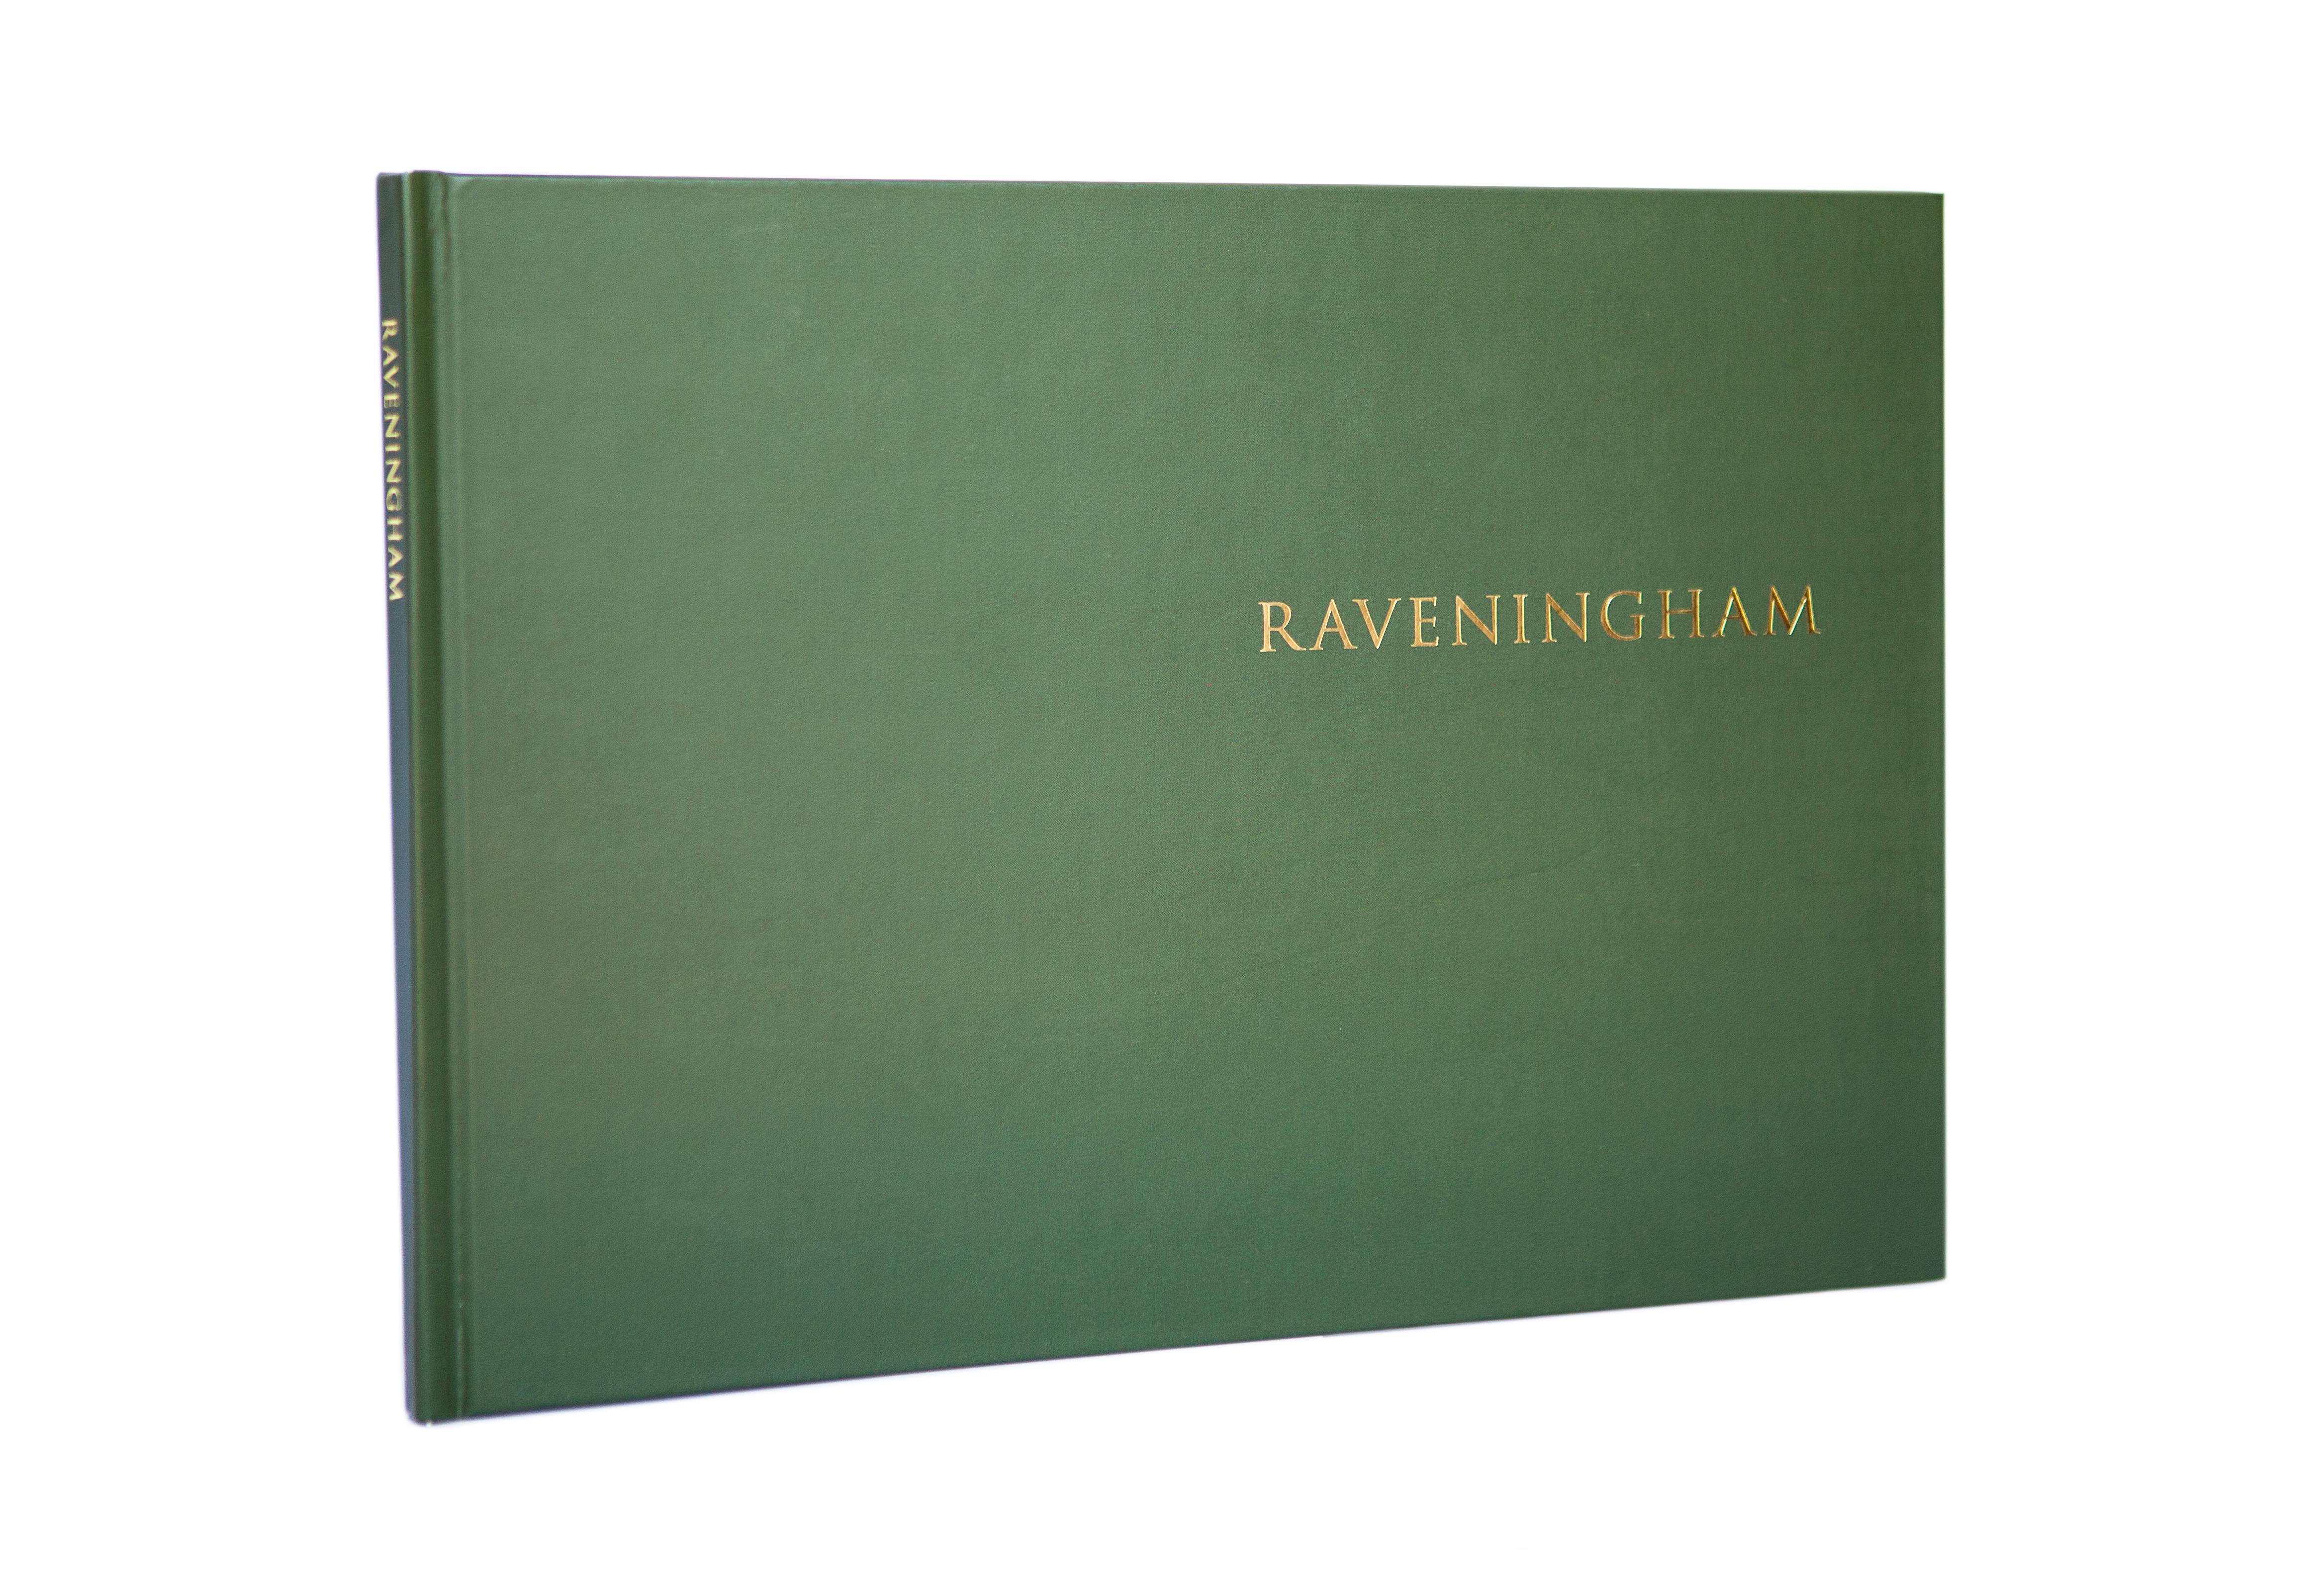 Raveningham Hall casebound book